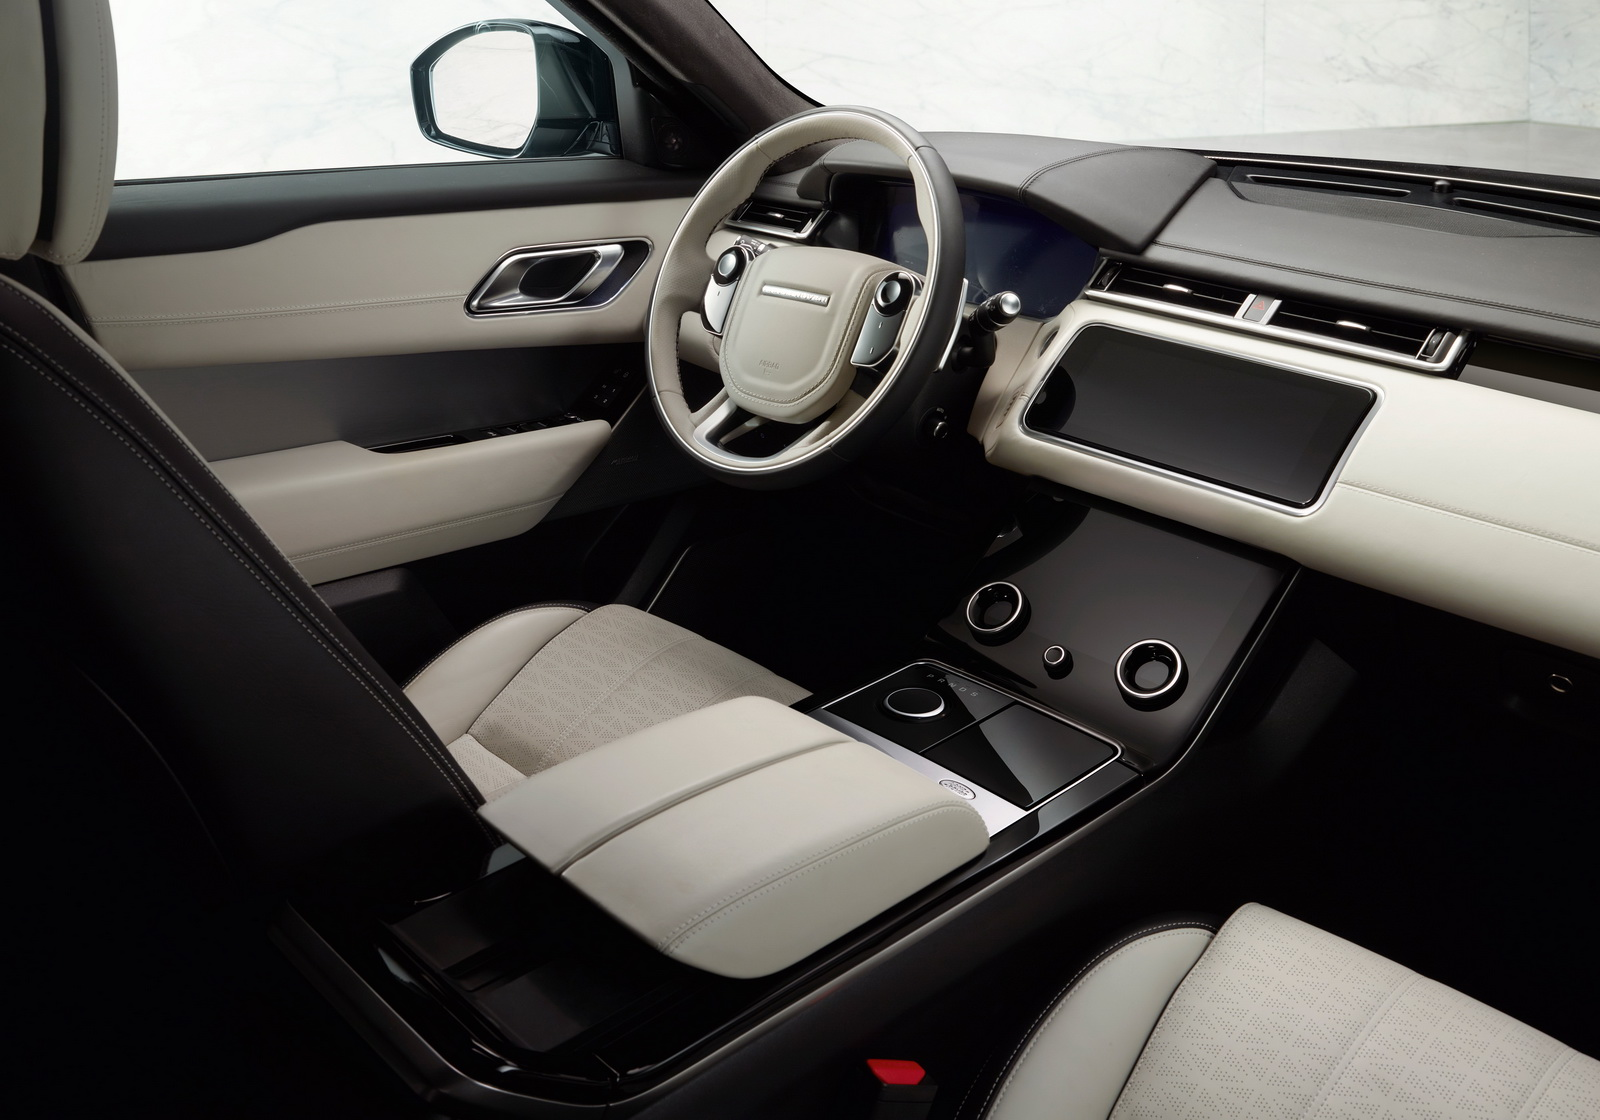 El Range Rover Velar recibe el motor 2.0 Turbo gasolina de 300 CV